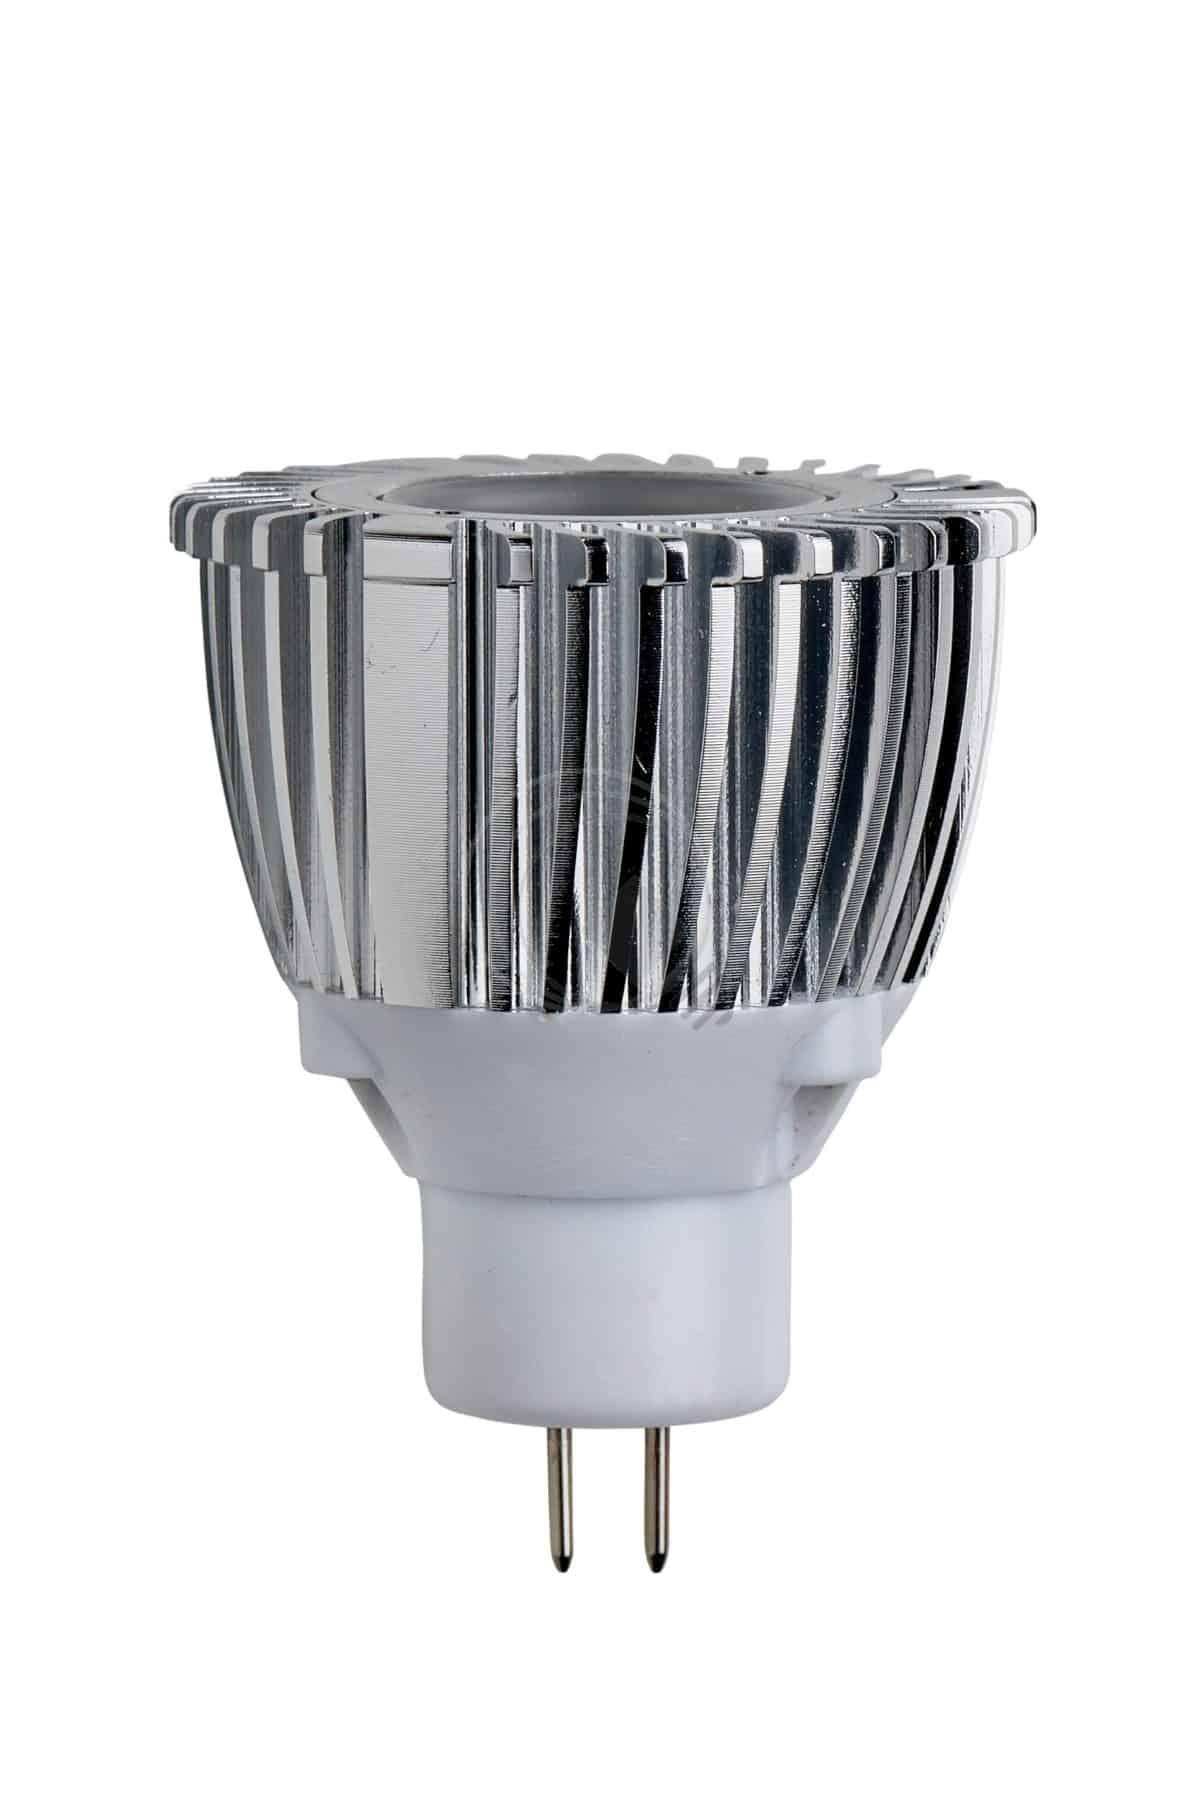 Λάμπα Led MR11 GU4 3W 12V 3000K BSL 0635/00323 BIG LED